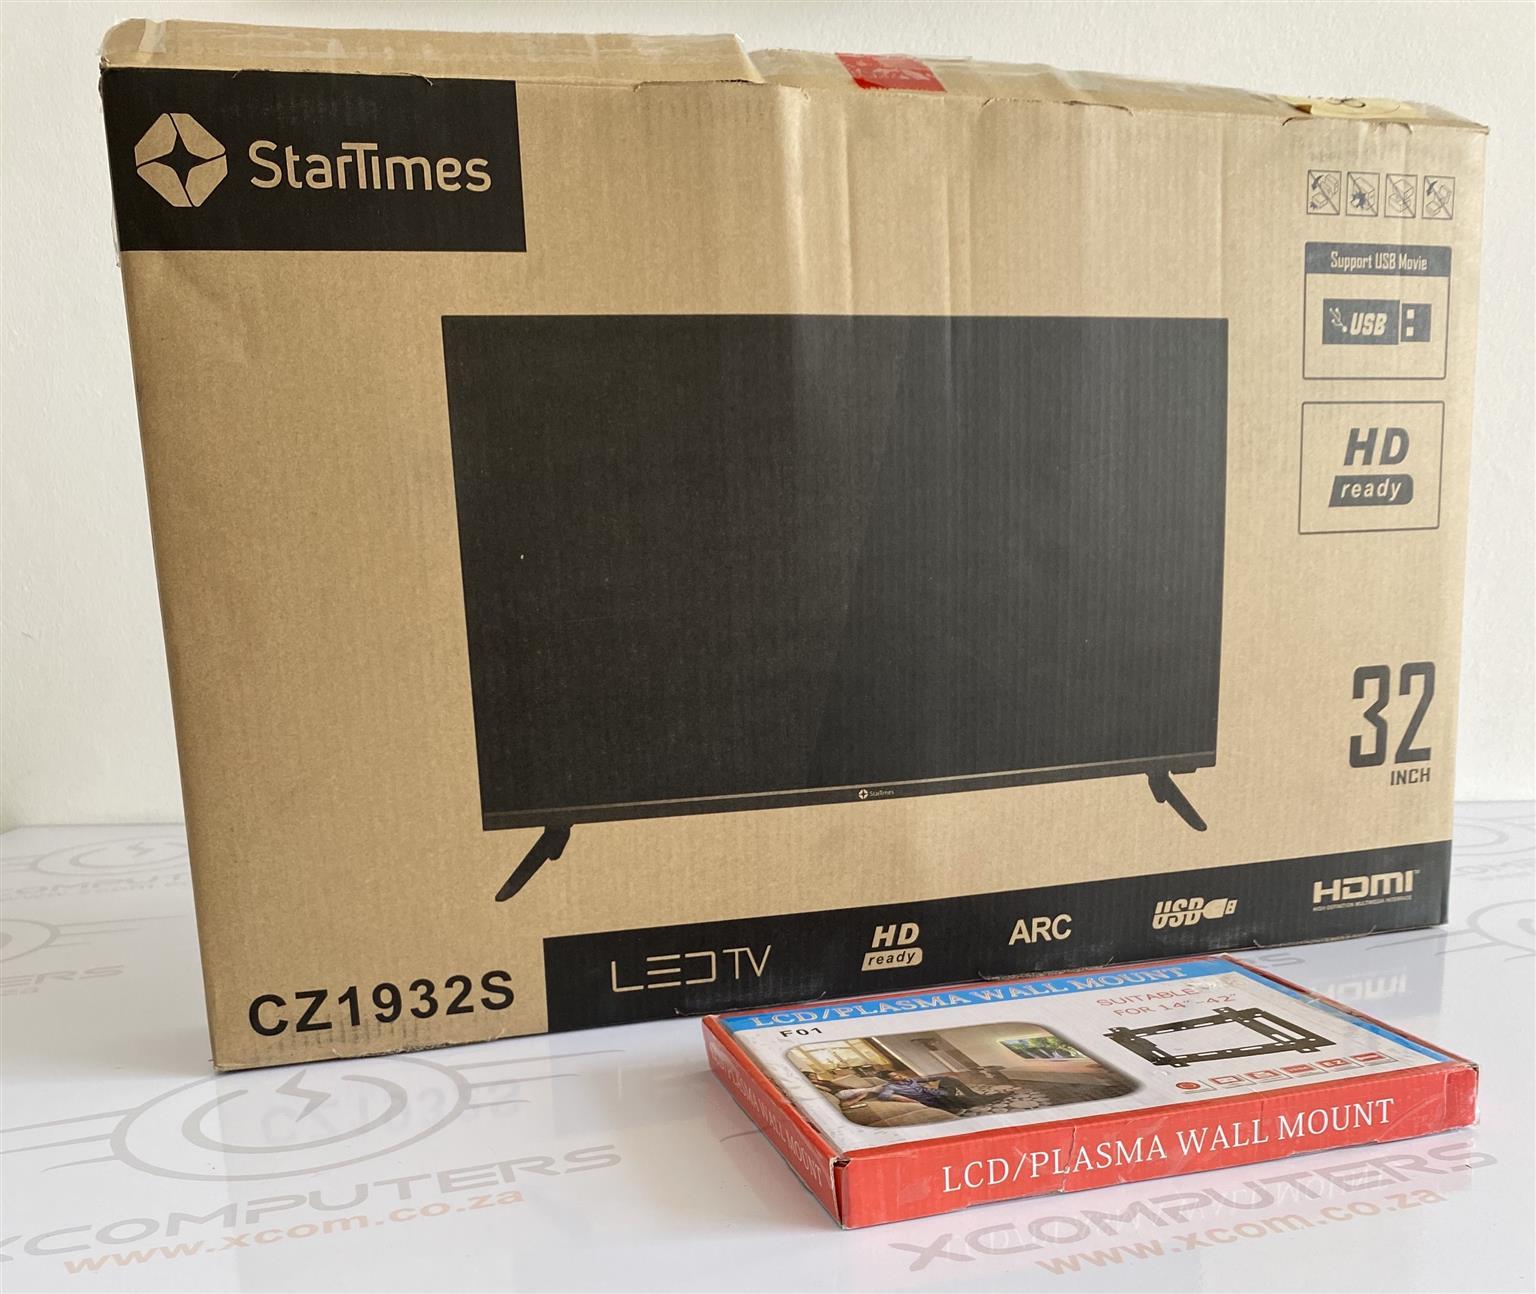 StarTimes Frameless Television